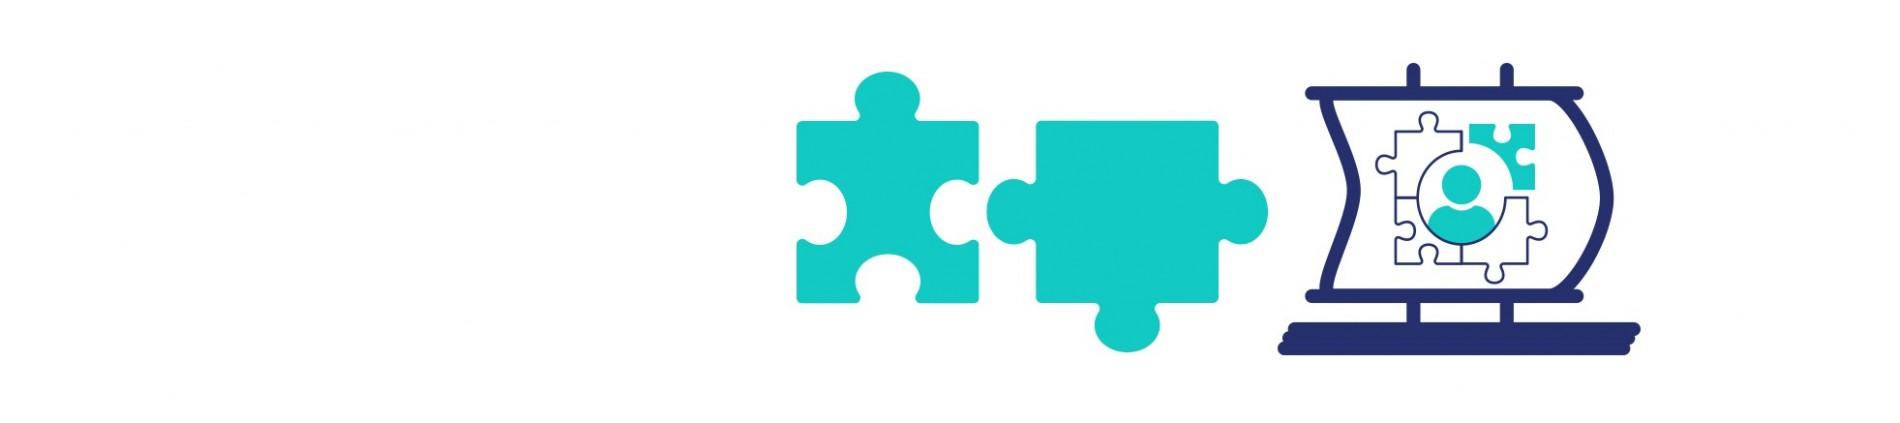 Autism Job : développer l'autonomie et l'employabilité des personnes autistes